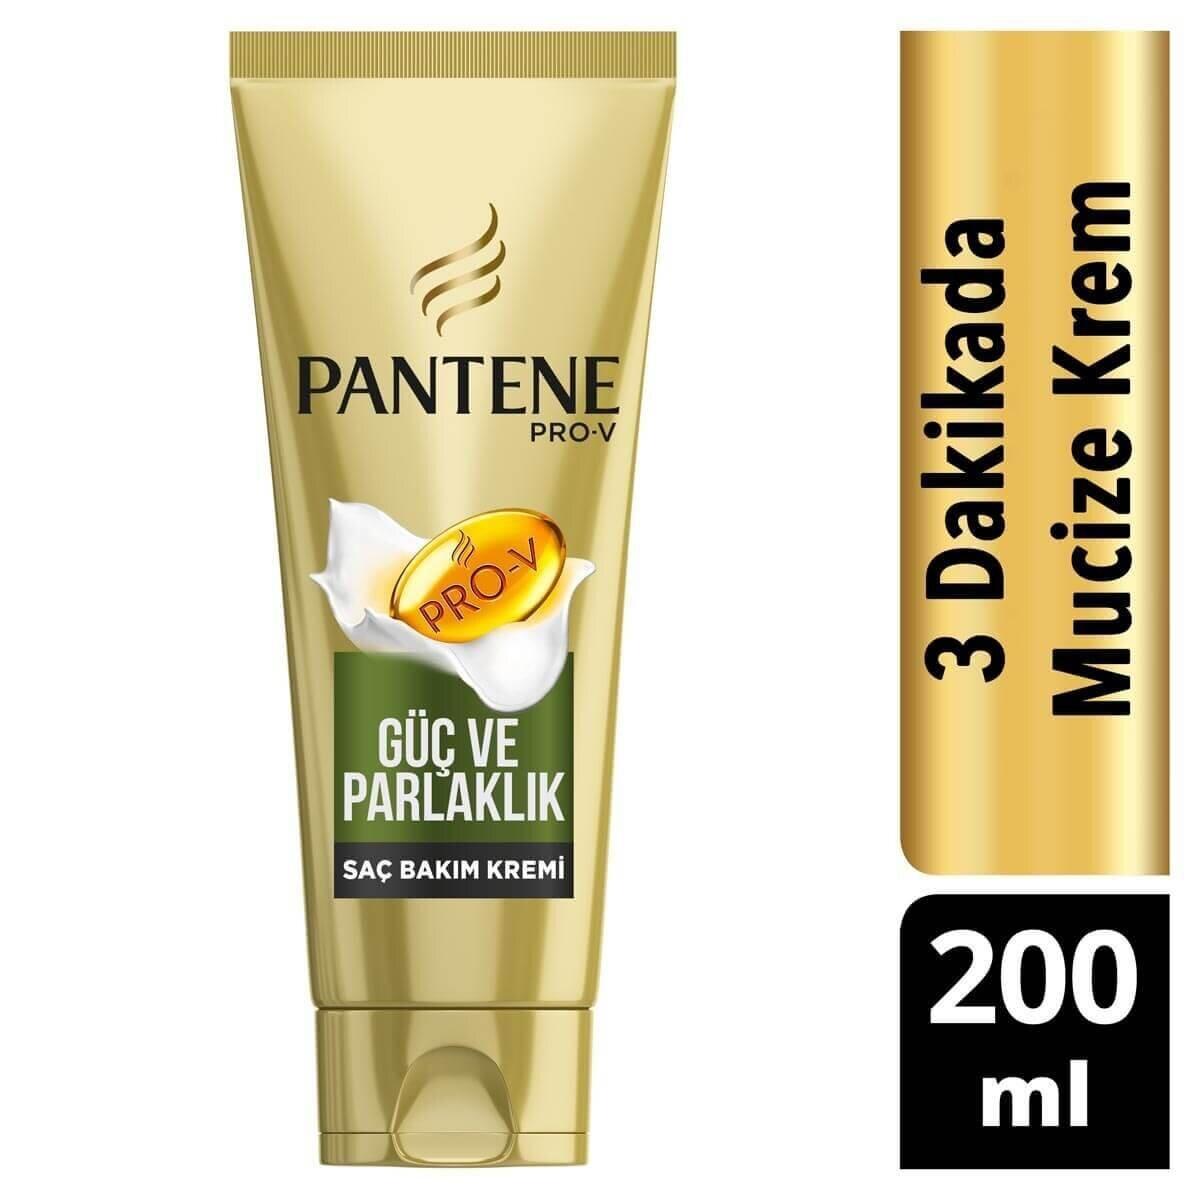 3 Minute Miracle Doğal Sentez Saç Kremi 200 ml